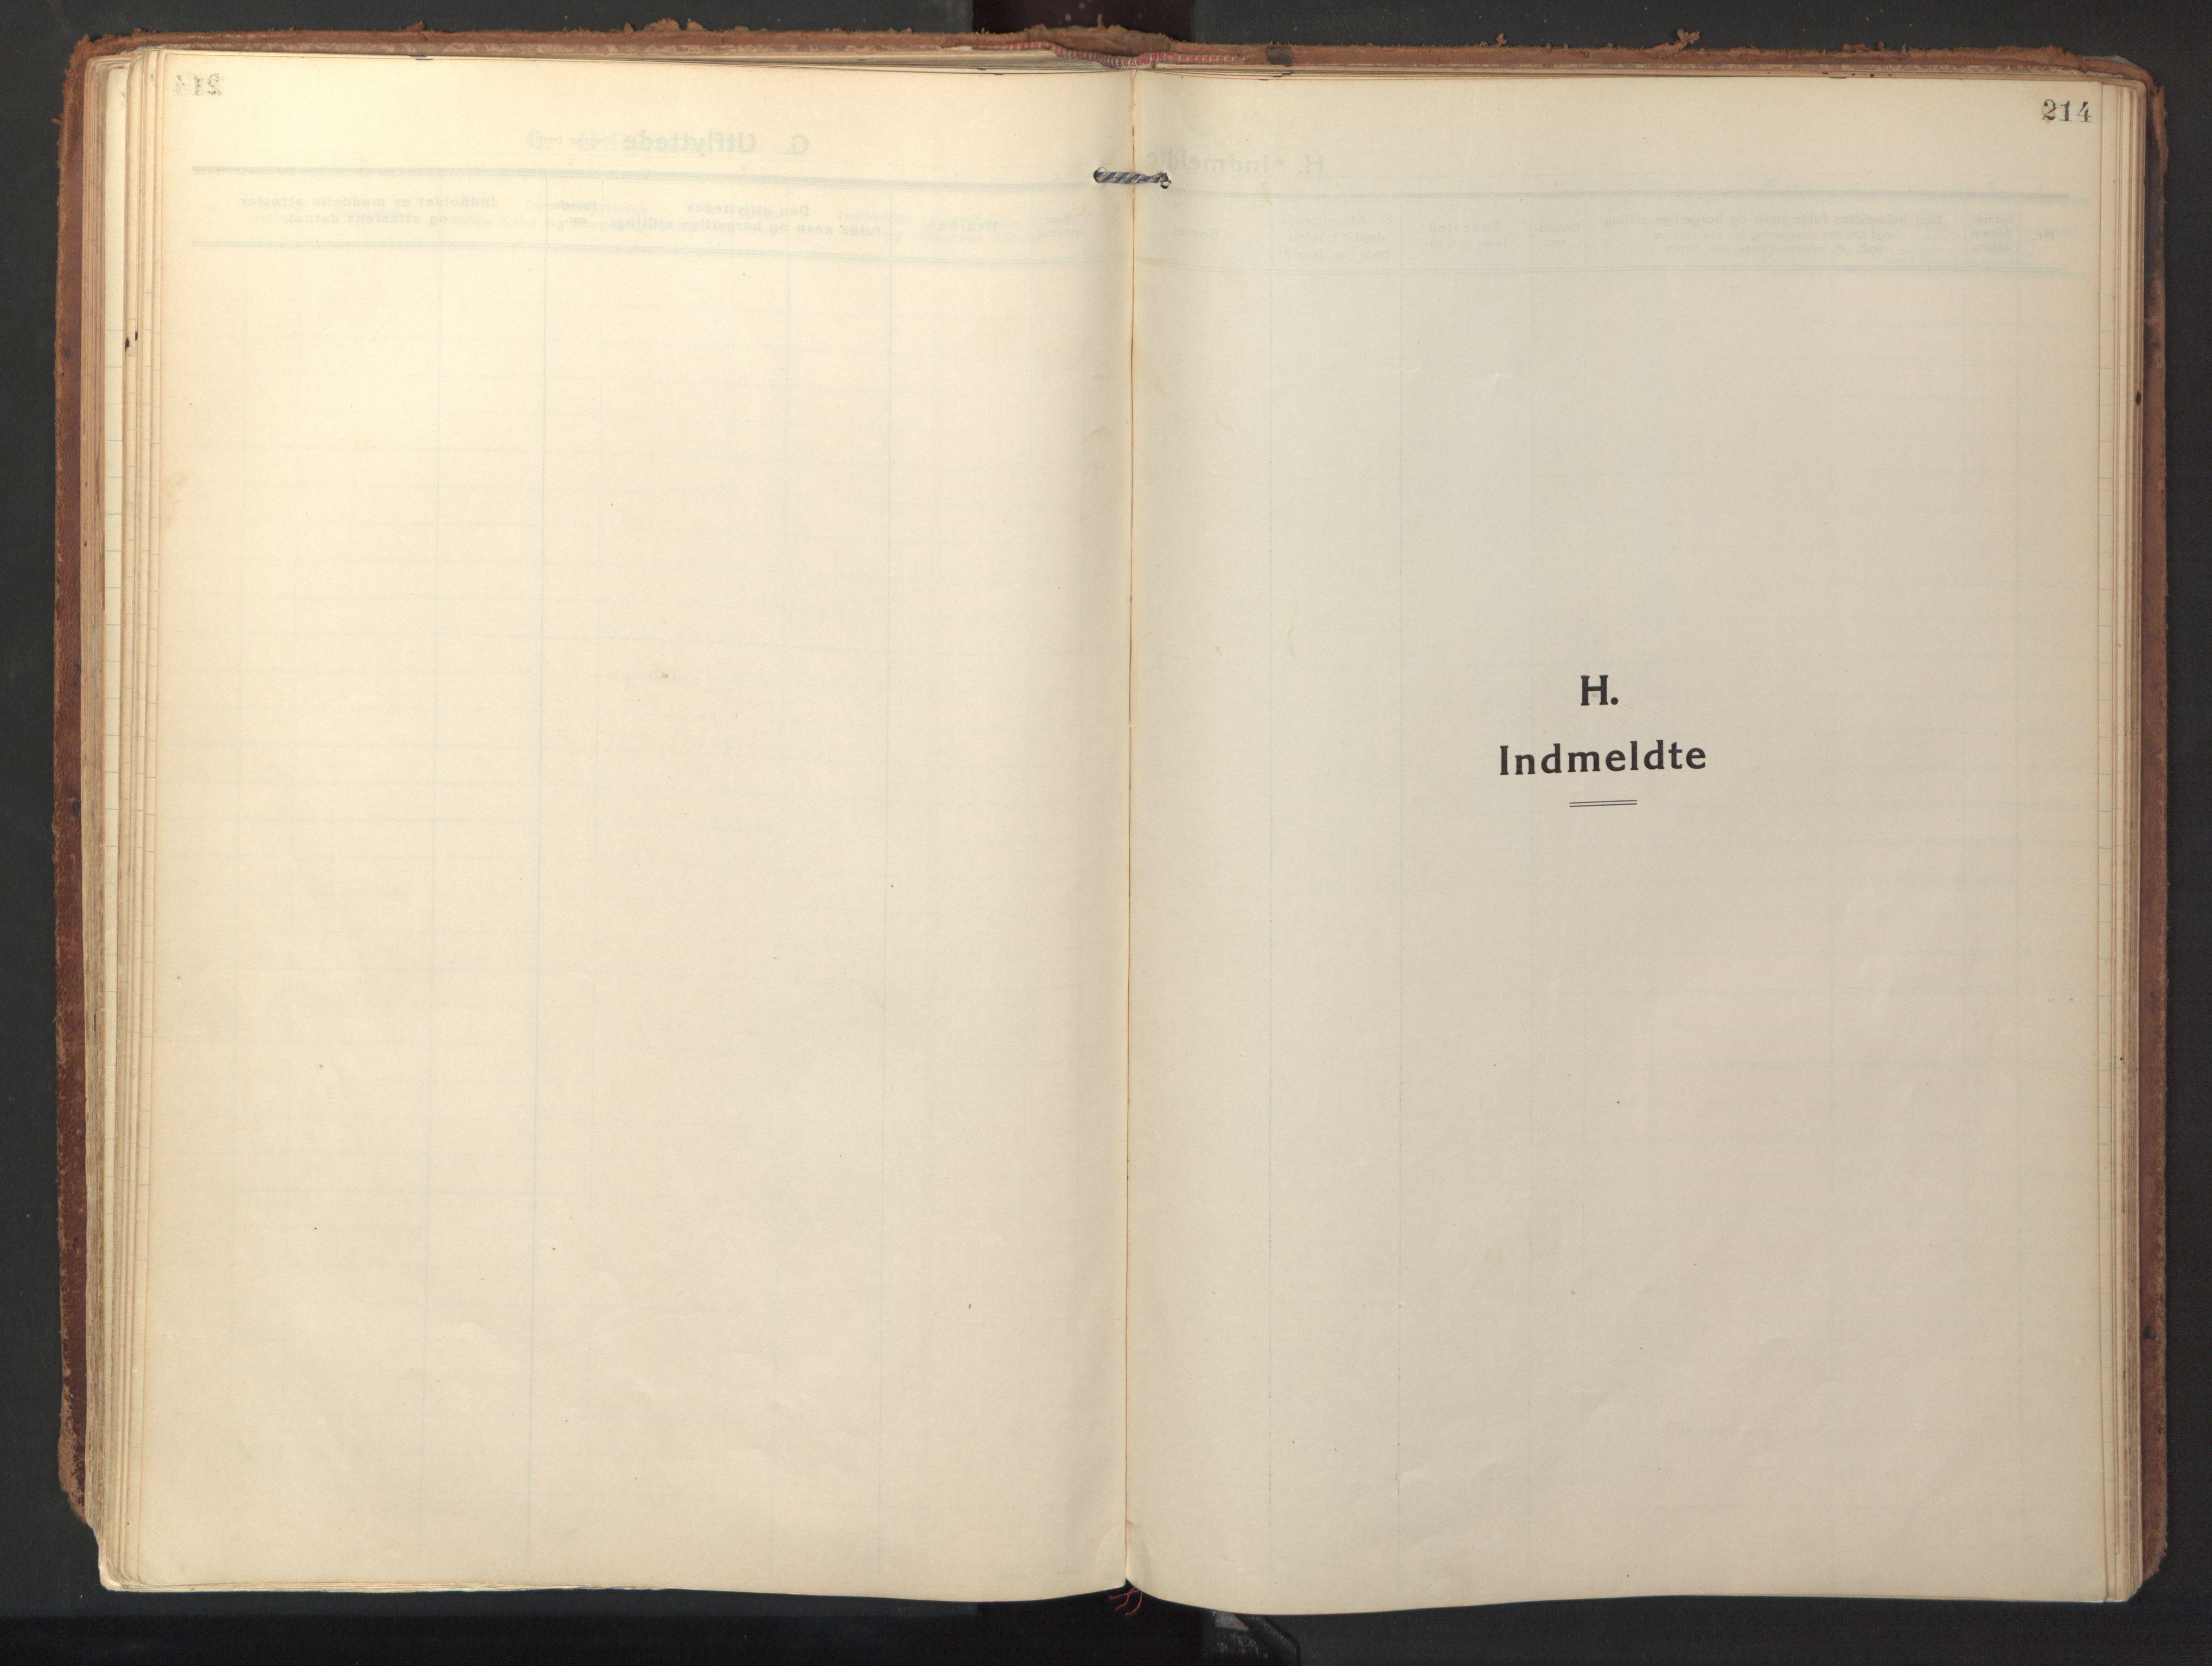 SAT, Ministerialprotokoller, klokkerbøker og fødselsregistre - Sør-Trøndelag, 640/L0581: Ministerialbok nr. 640A06, 1910-1924, s. 214